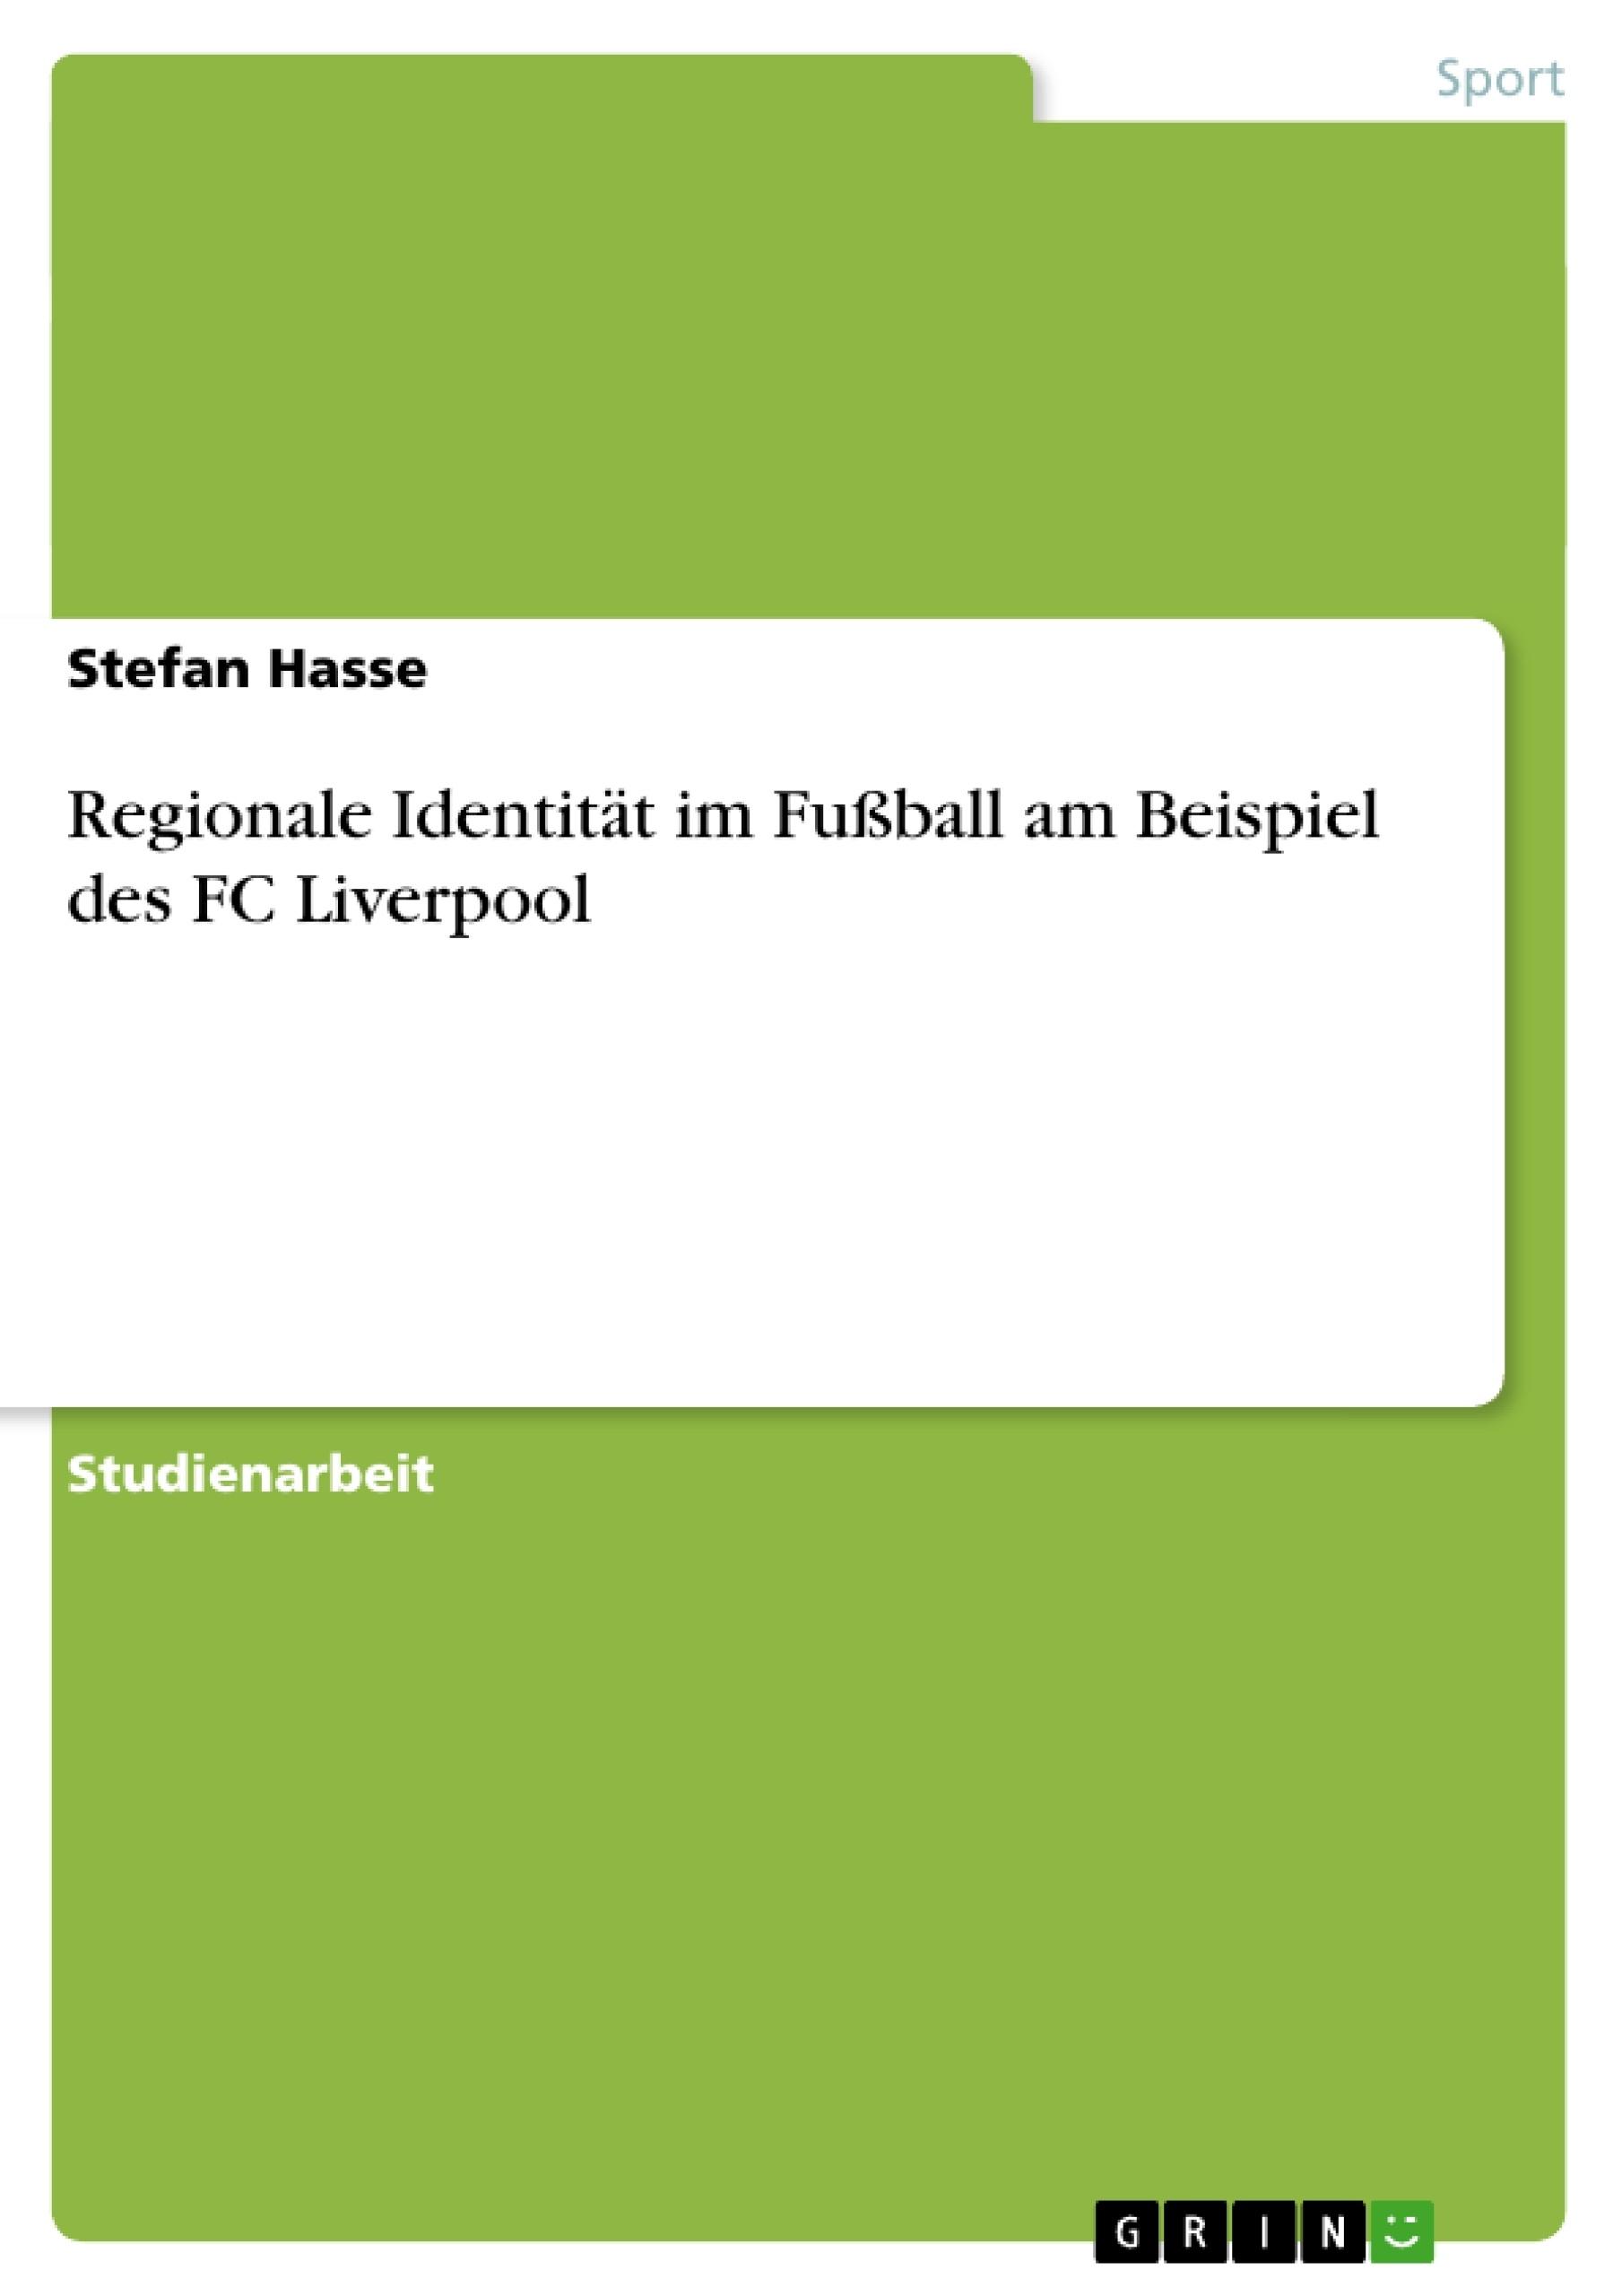 Titel: Regionale Identität im Fußball am Beispiel des FC Liverpool